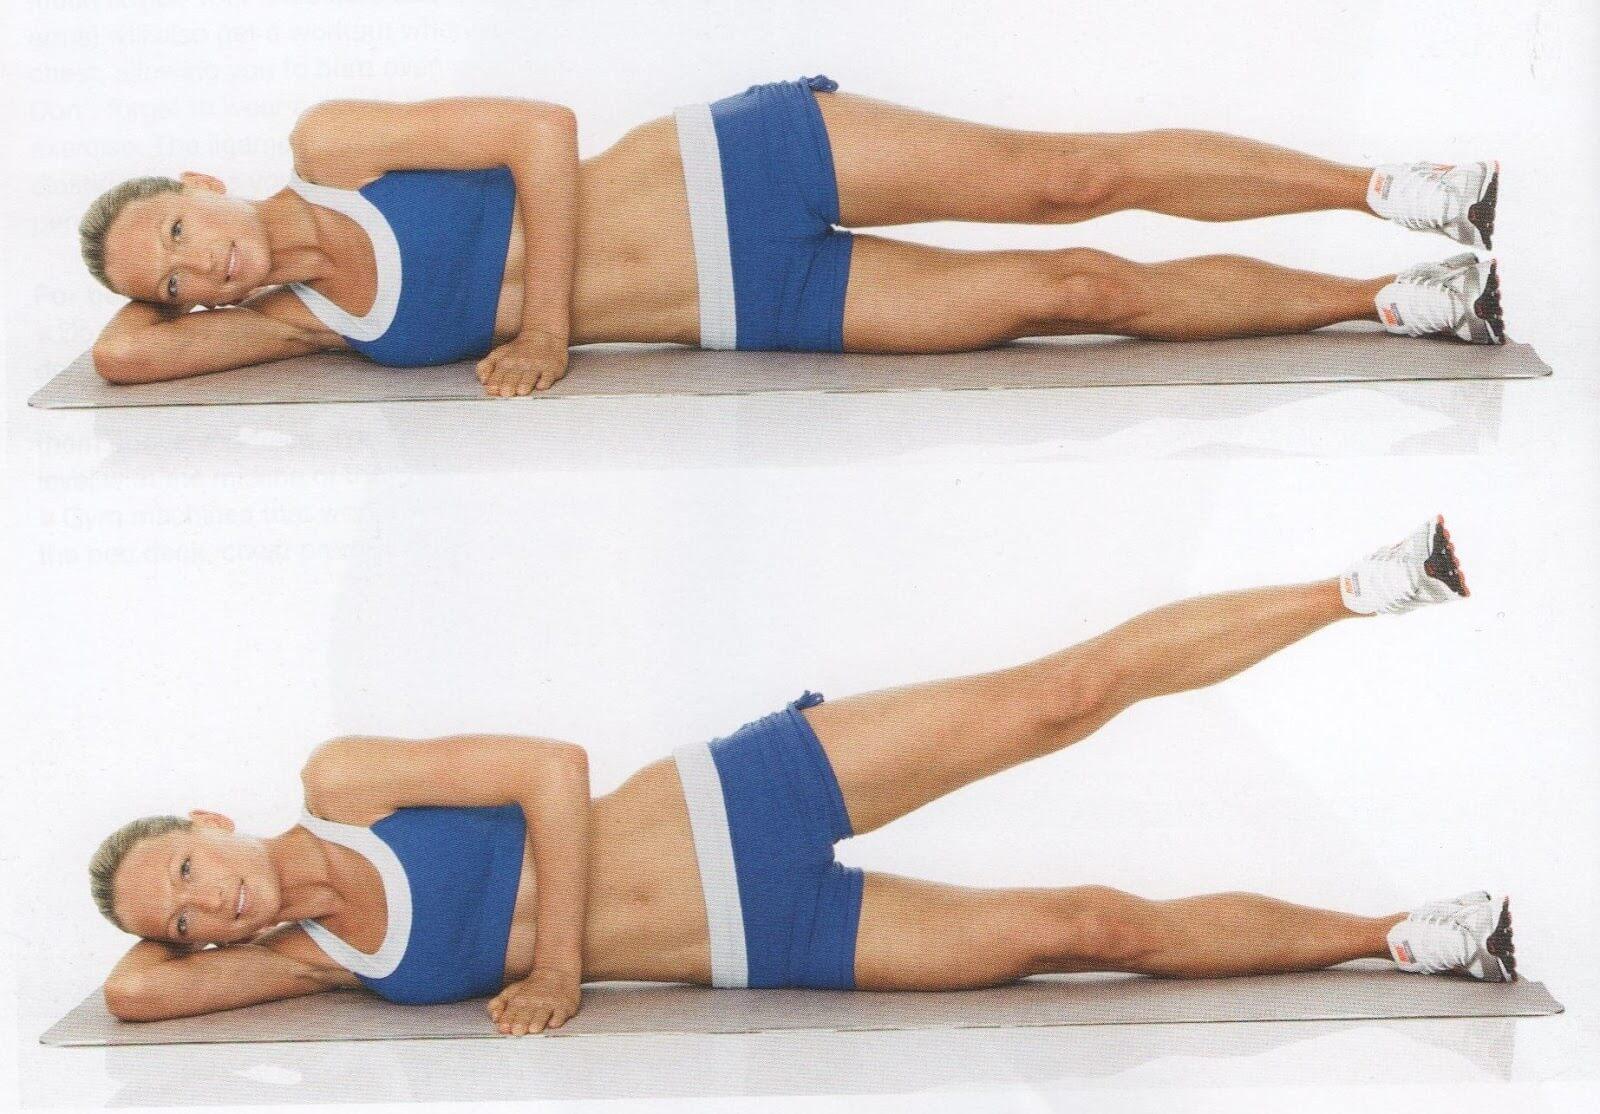 Ejercicios-para-fortalecer-las-piernas-3